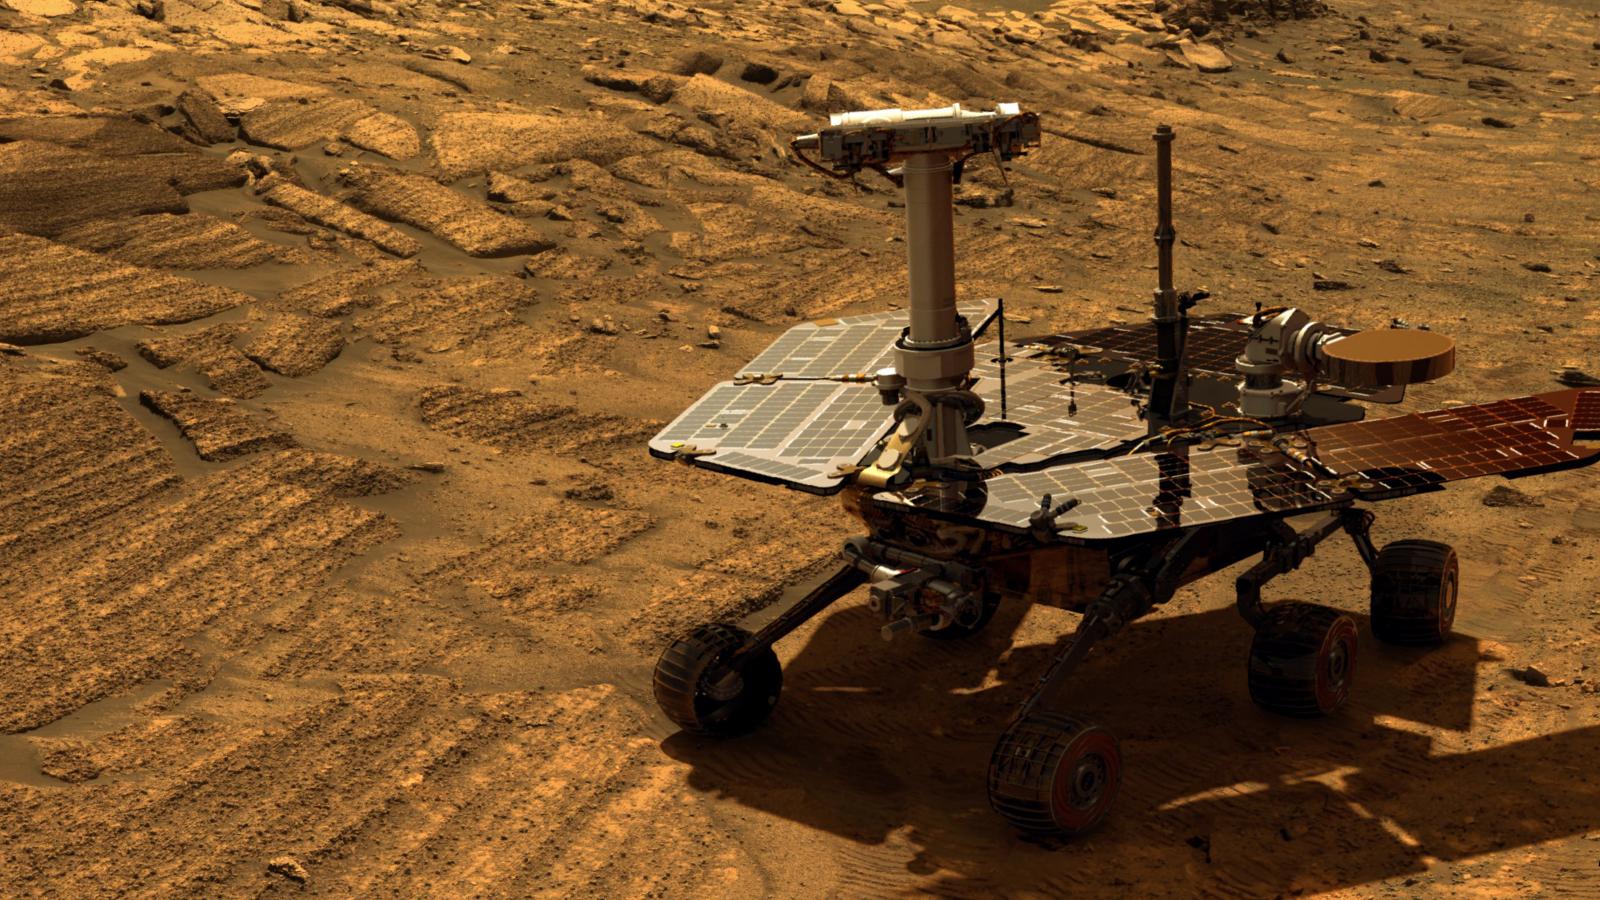 Imagem de NASA desiste da sonda Opportunity após perder contato com veículo em Marte no tecmundo